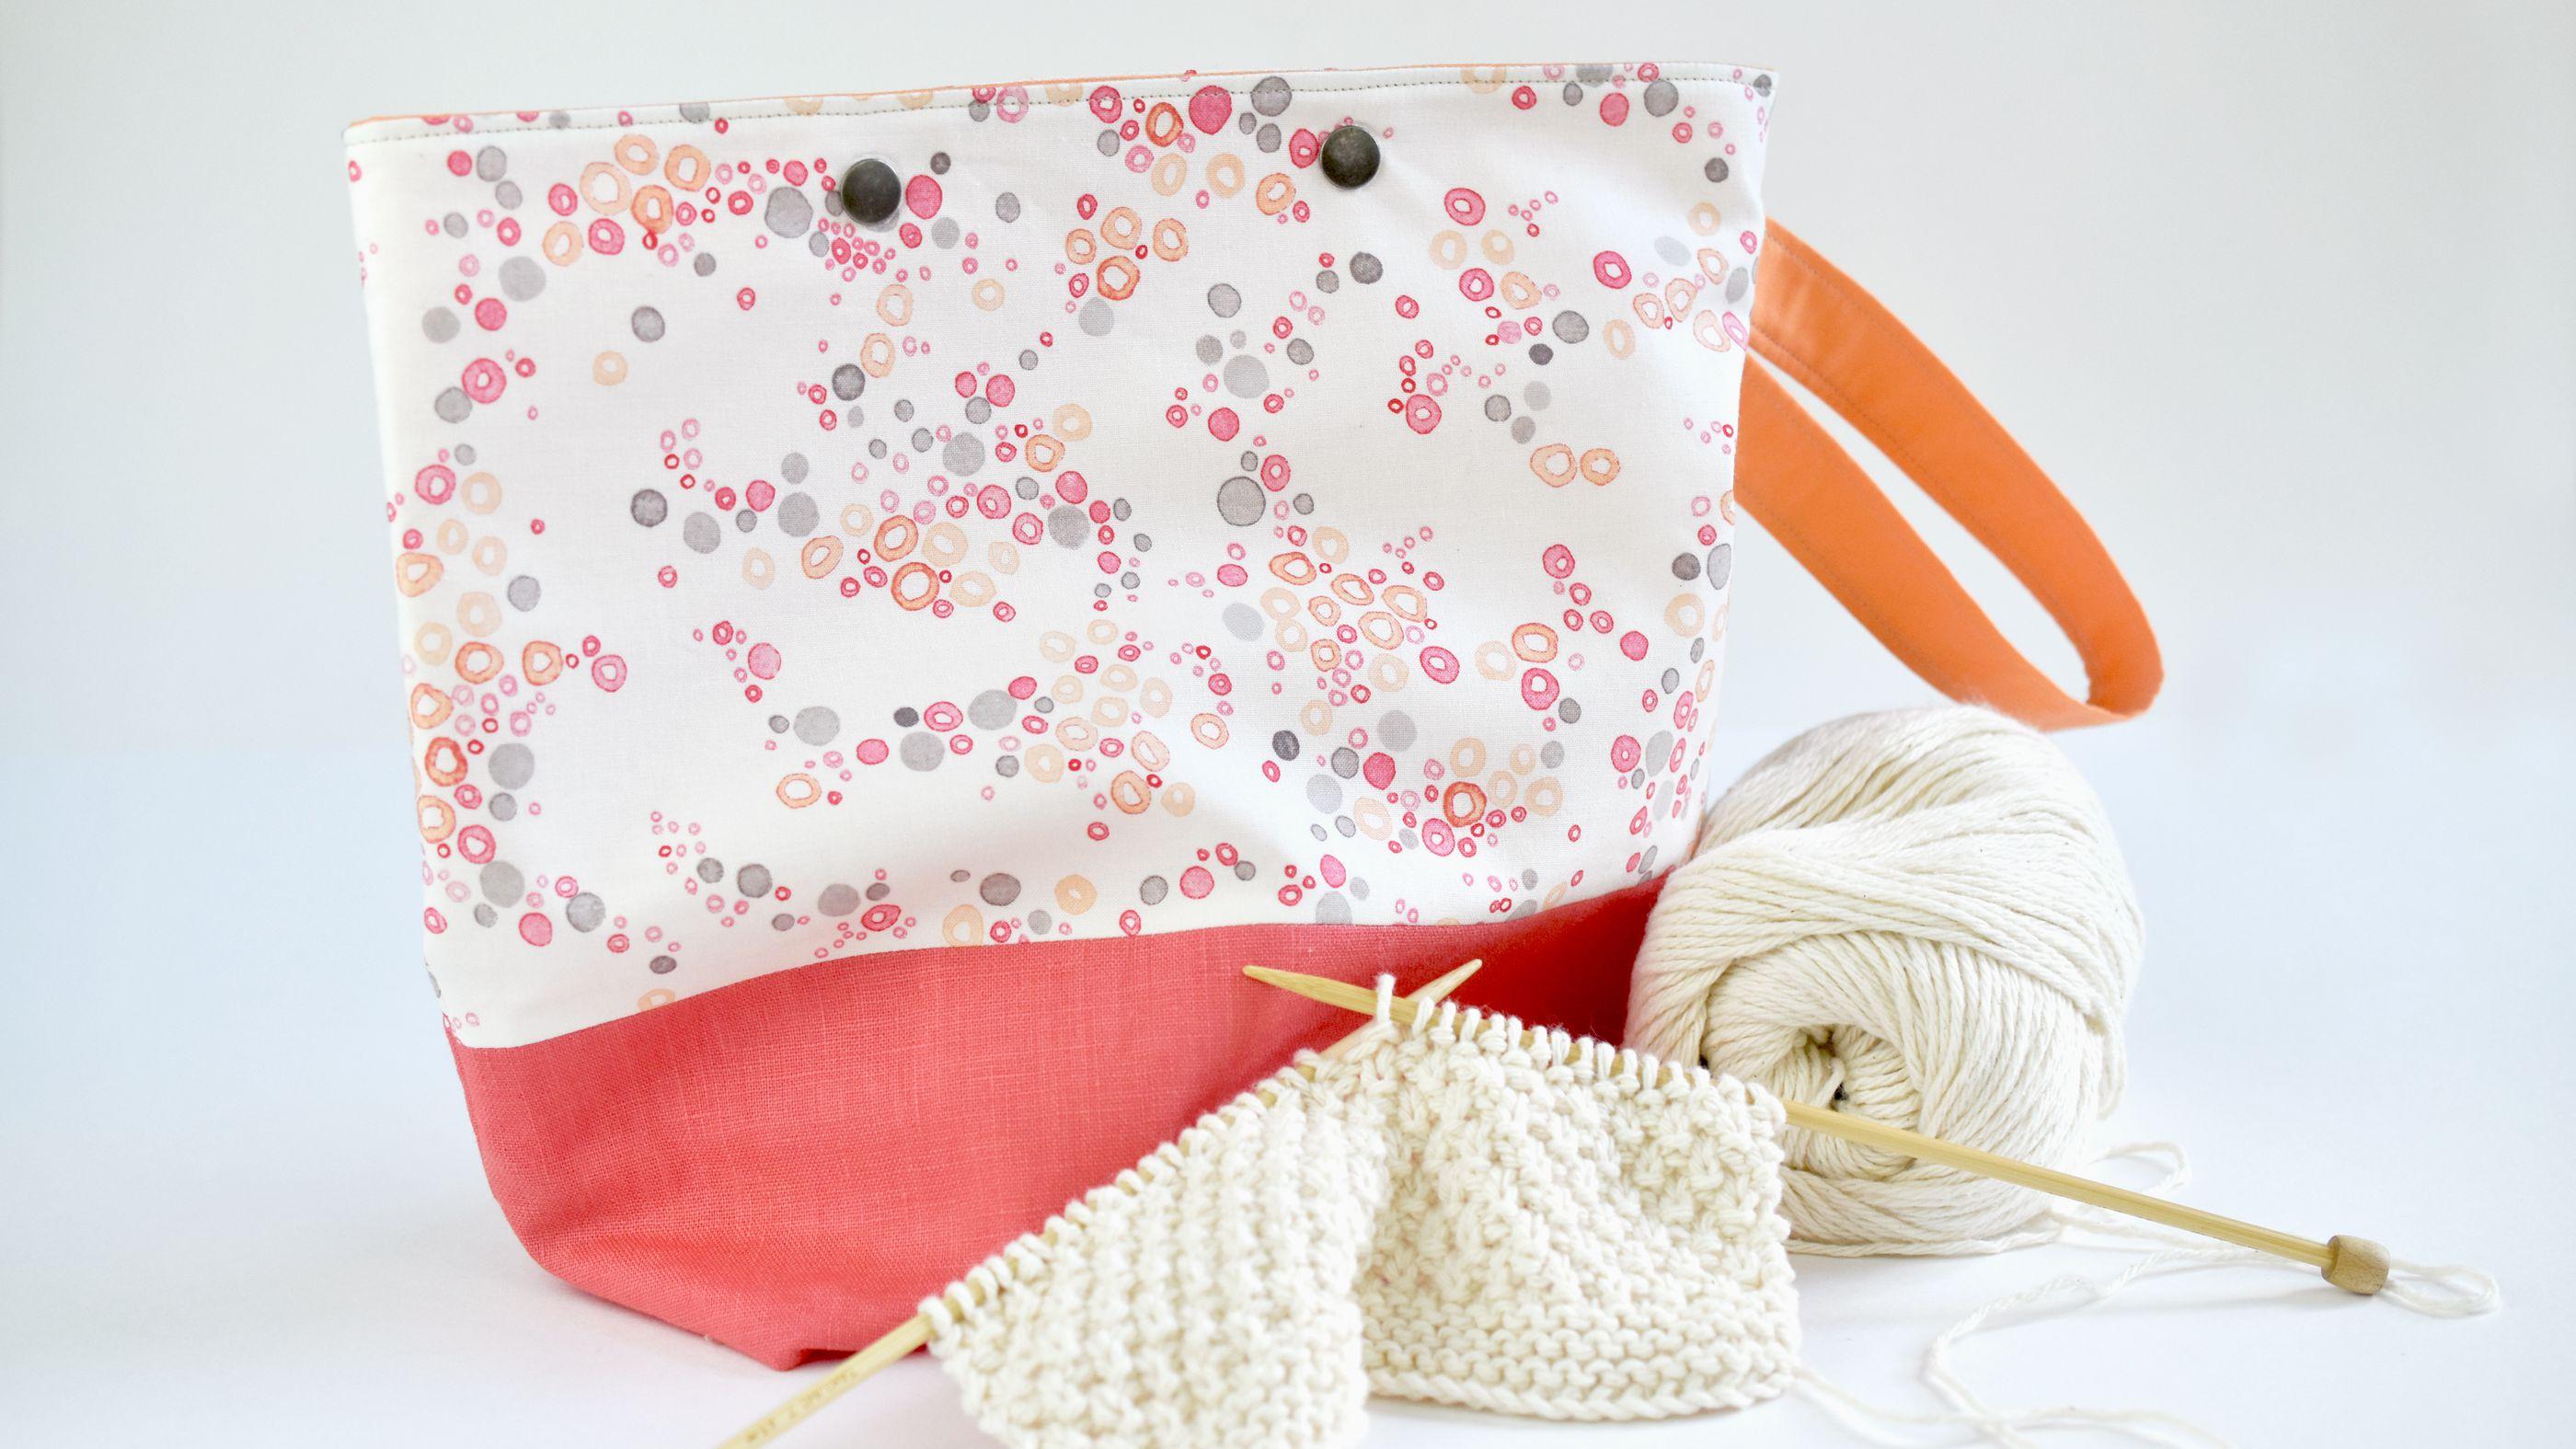 small knitting bag knitting bag for gift Reversible project bag small project bag crochet project bag,gift bag,tote bag